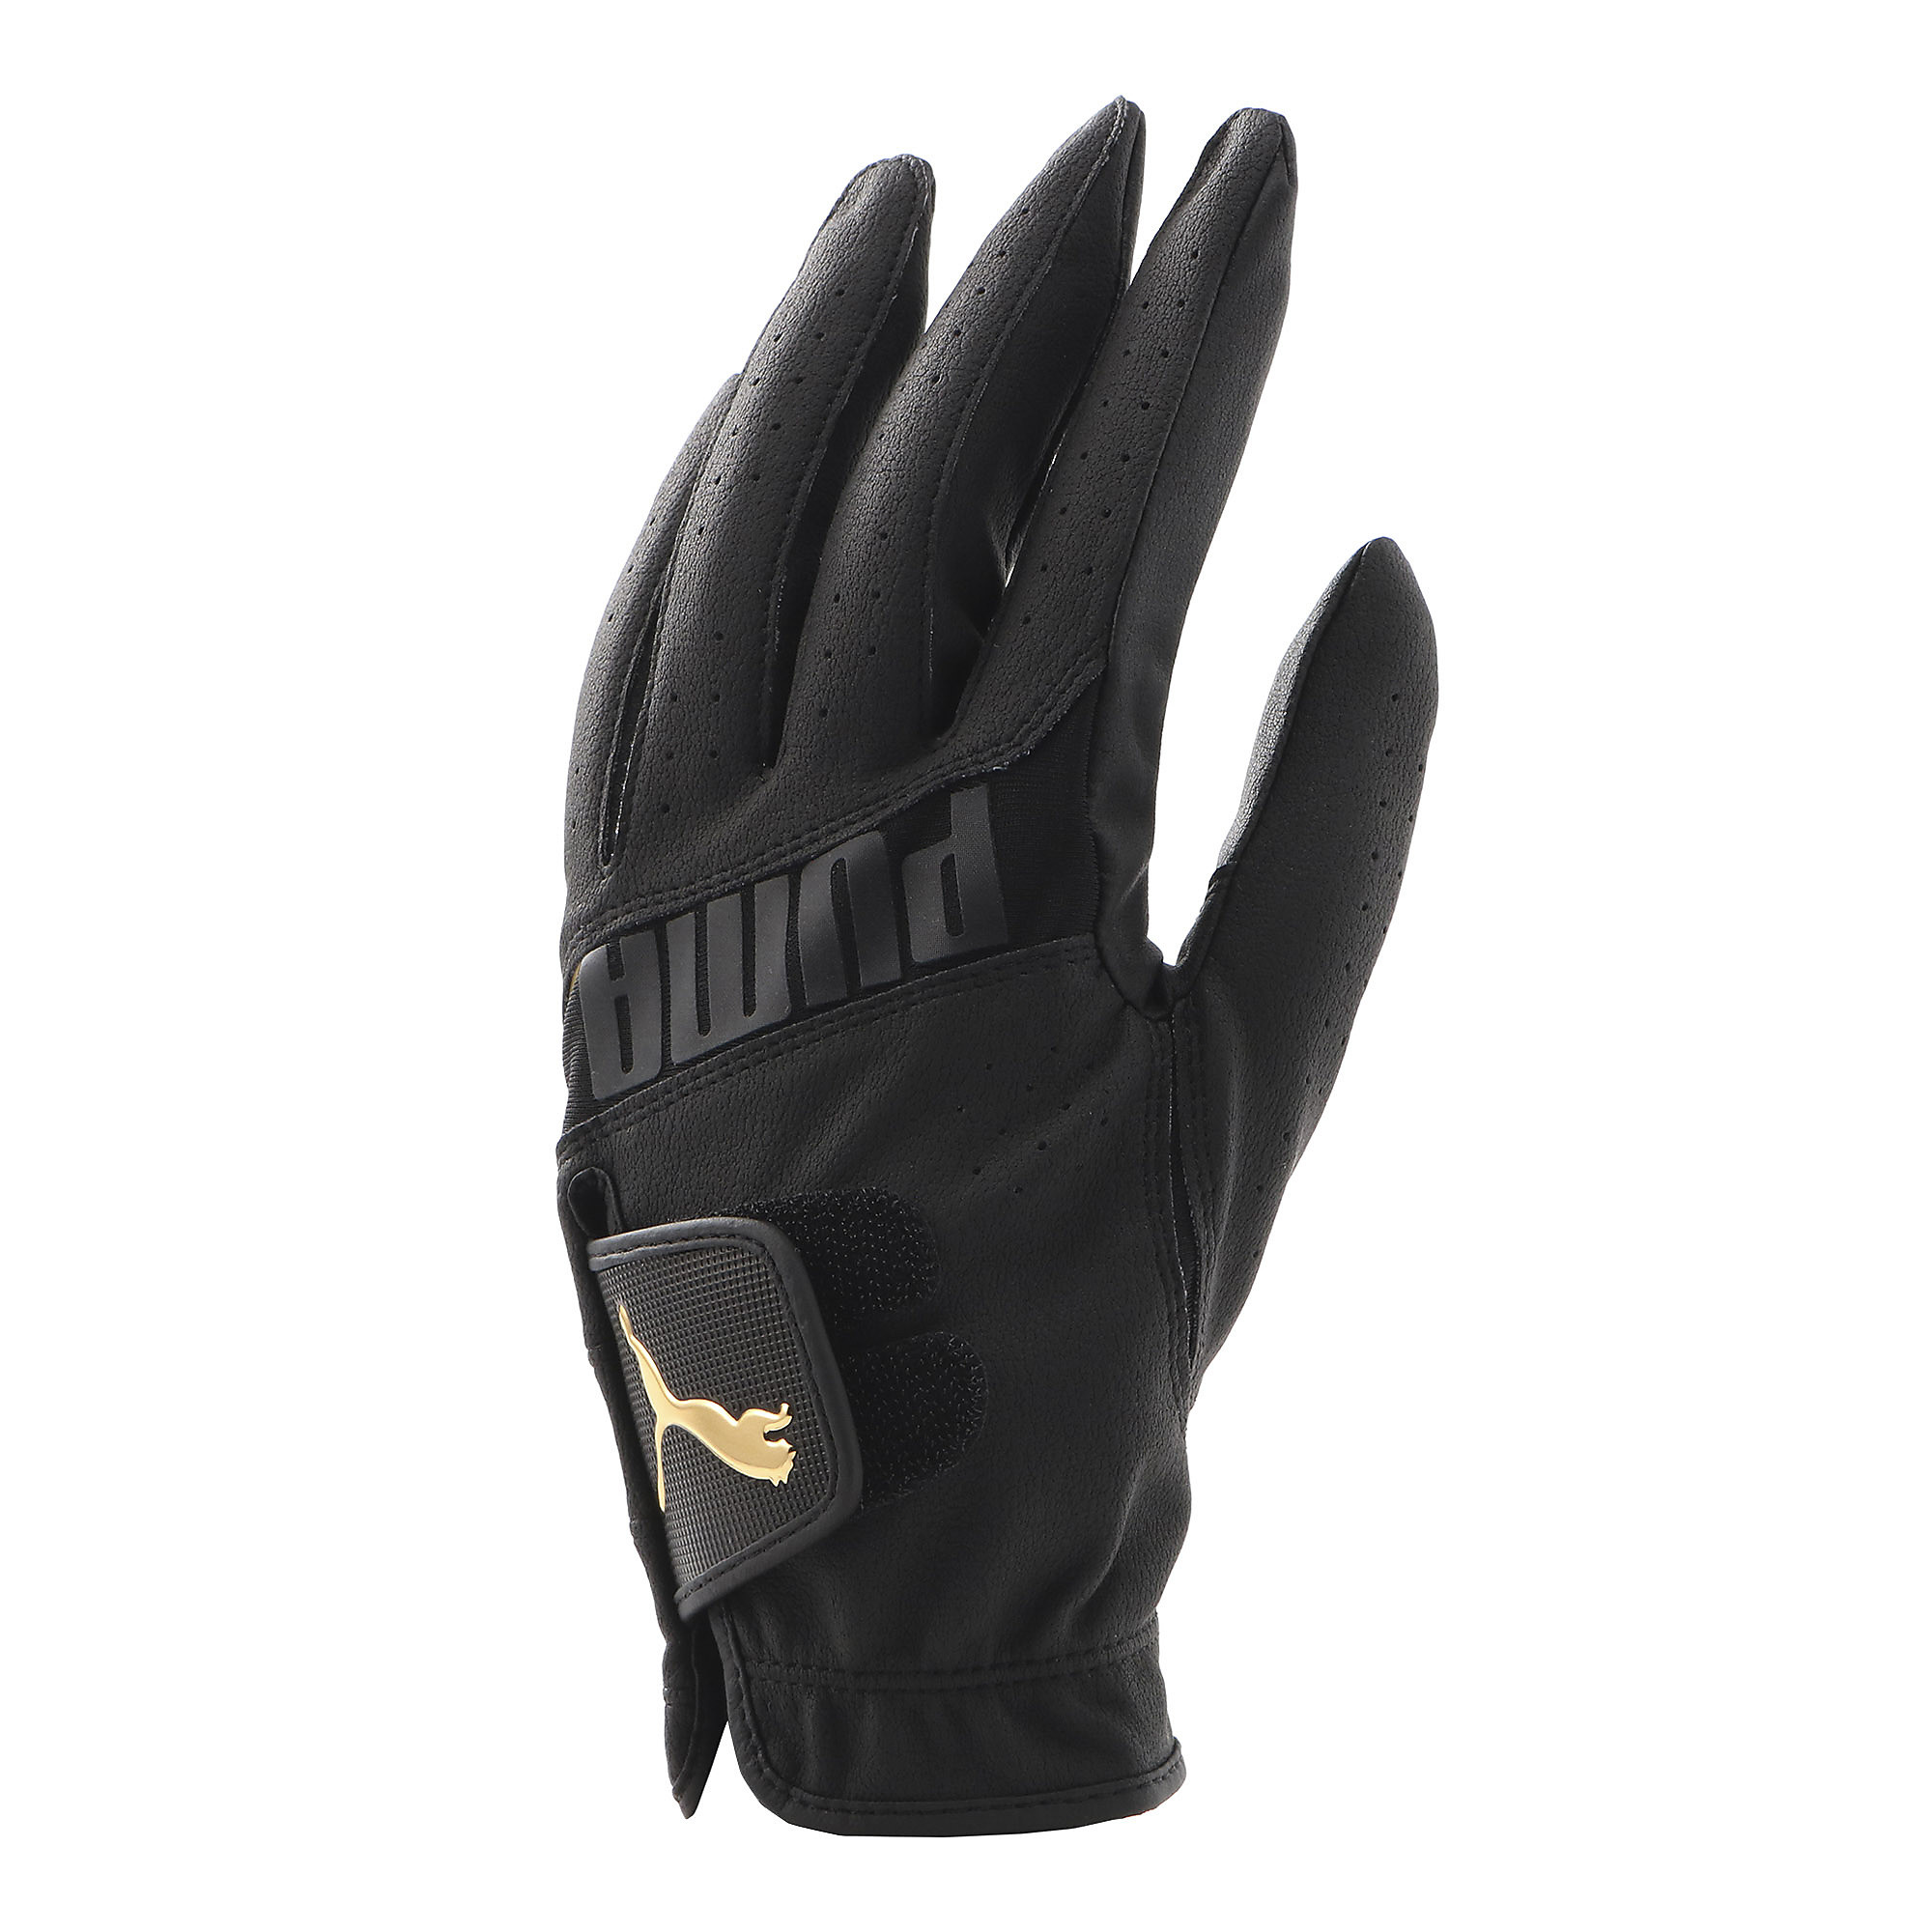 【プーマ公式通販】 プーマ ゴルフ 3D パフォーマンス グローブ (左手用) メンズ Puma Black |PUMA.com